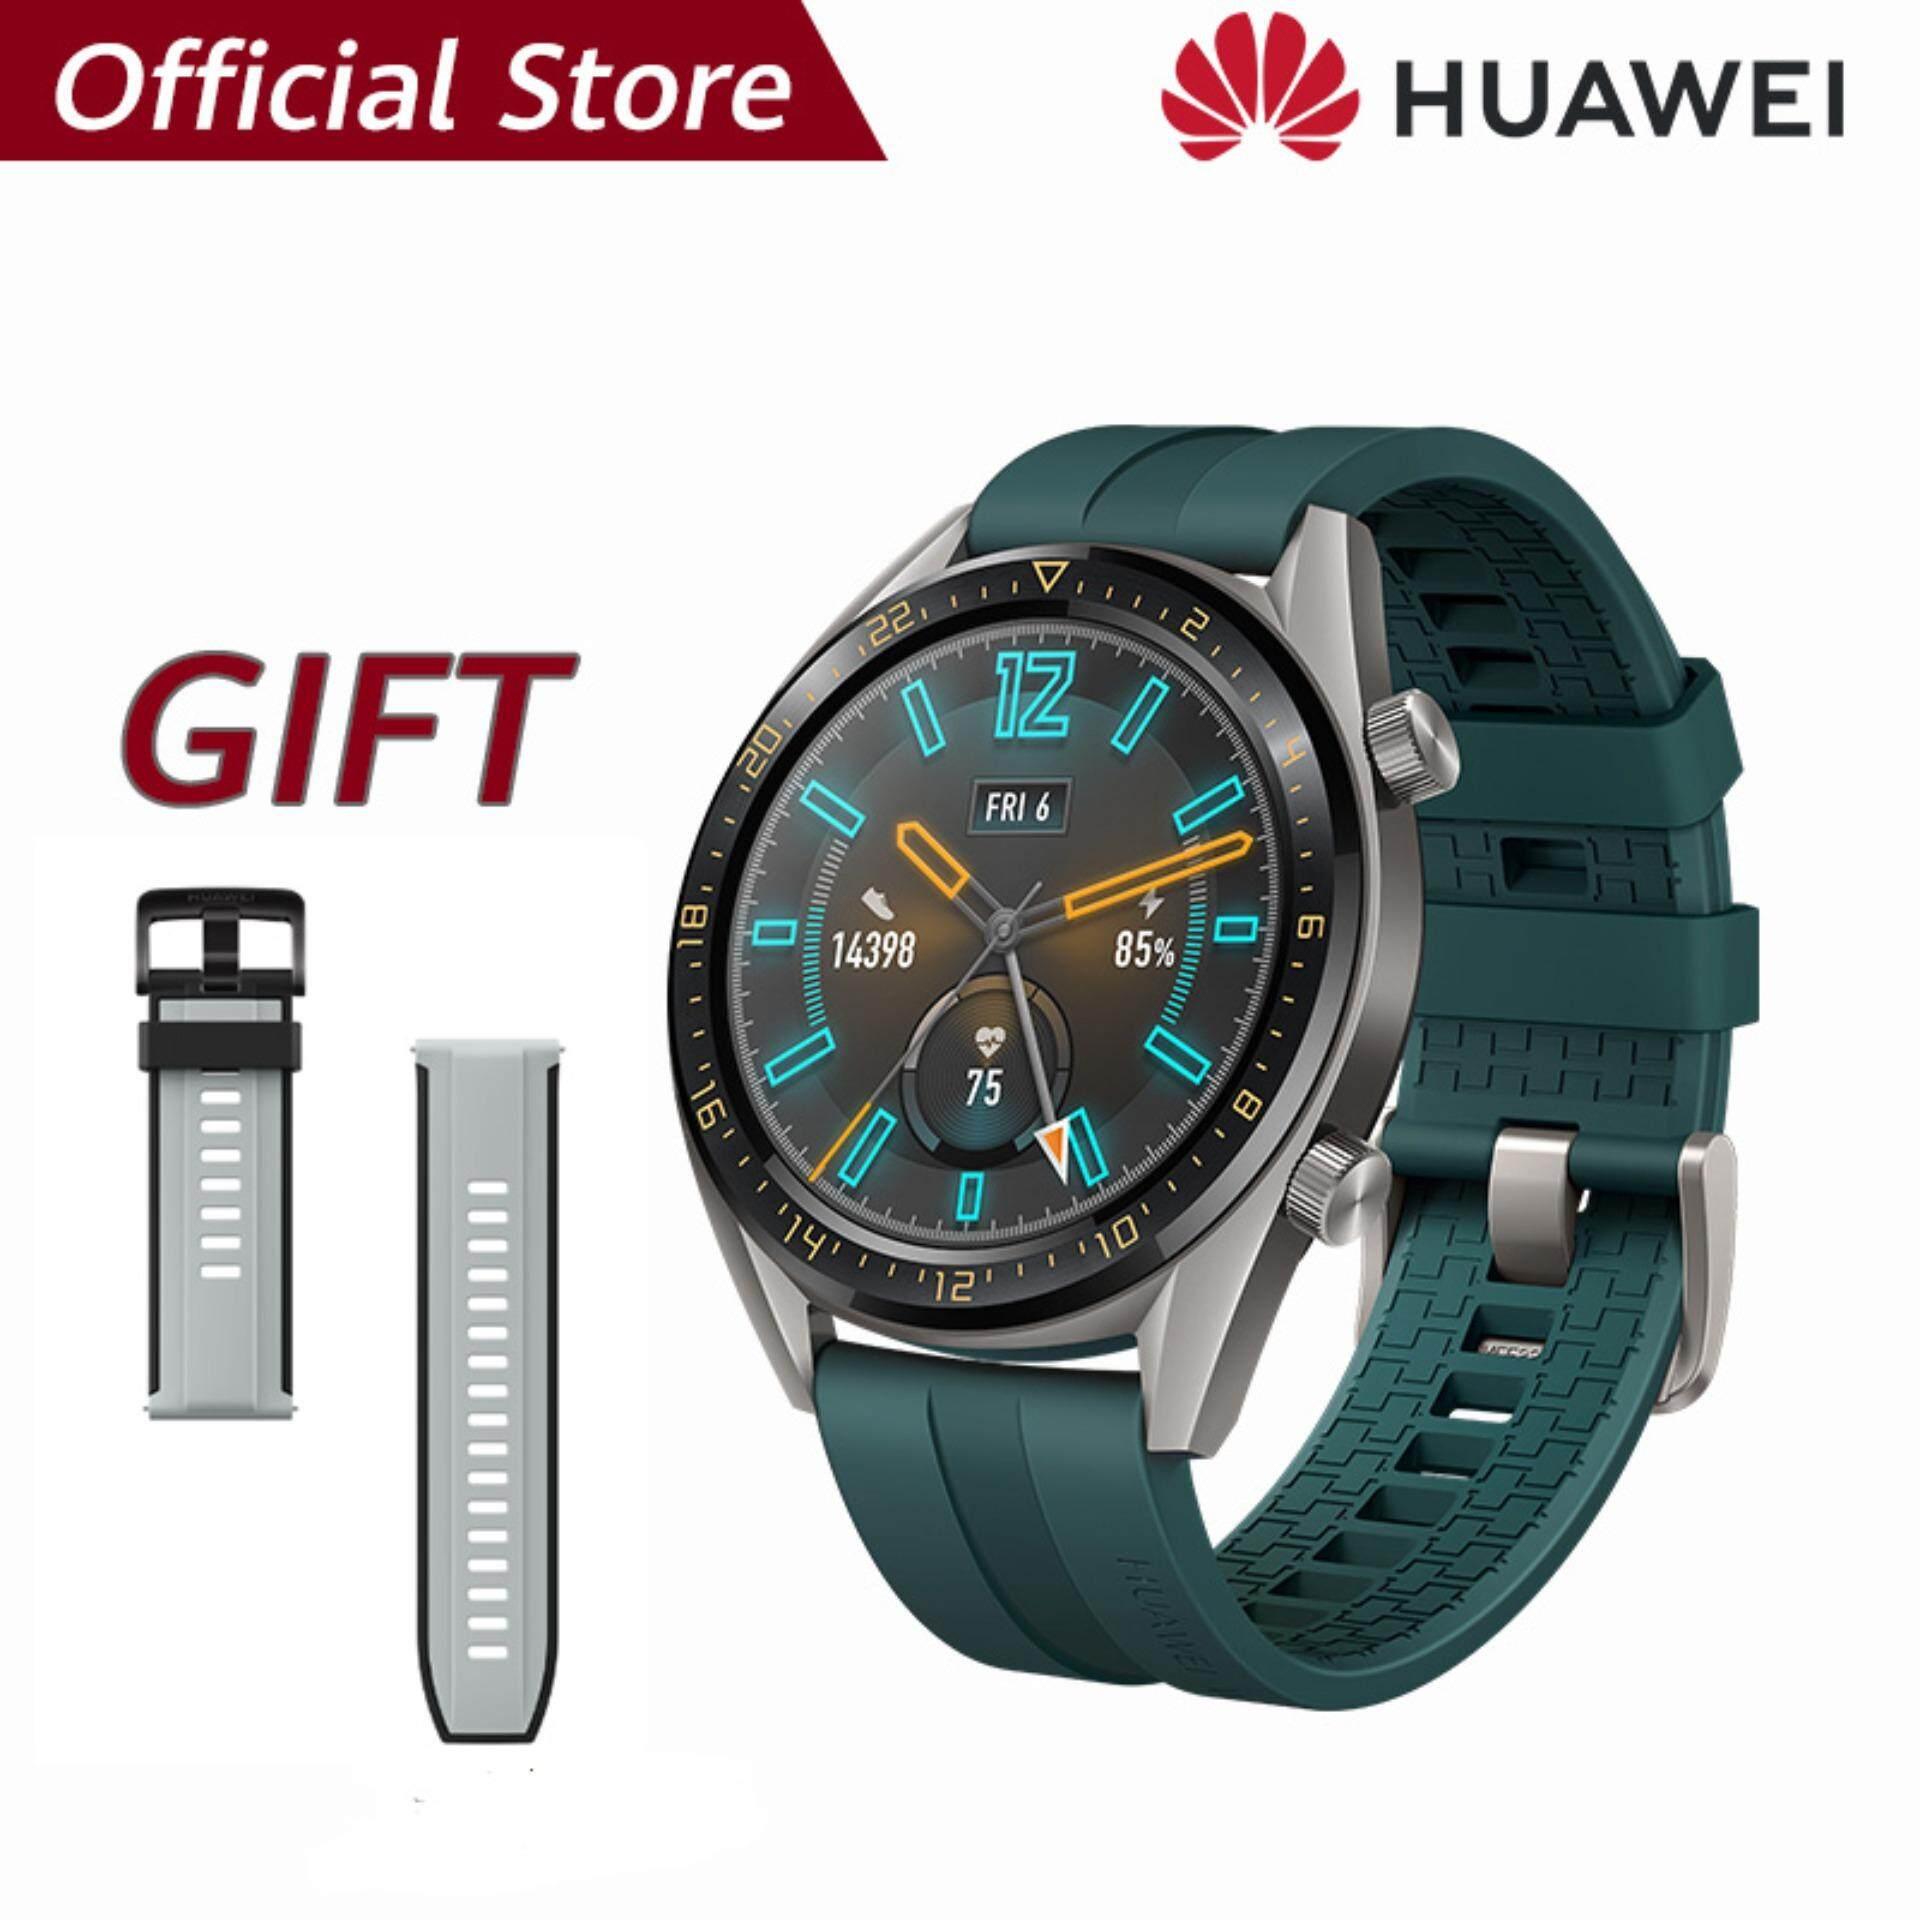 【ผ่อน 0% 10 เดือน】Huawei Watch GT แบตเตอรี่ที่แข็งแกร่ง*รับของแถม Huawei strap(Gray)